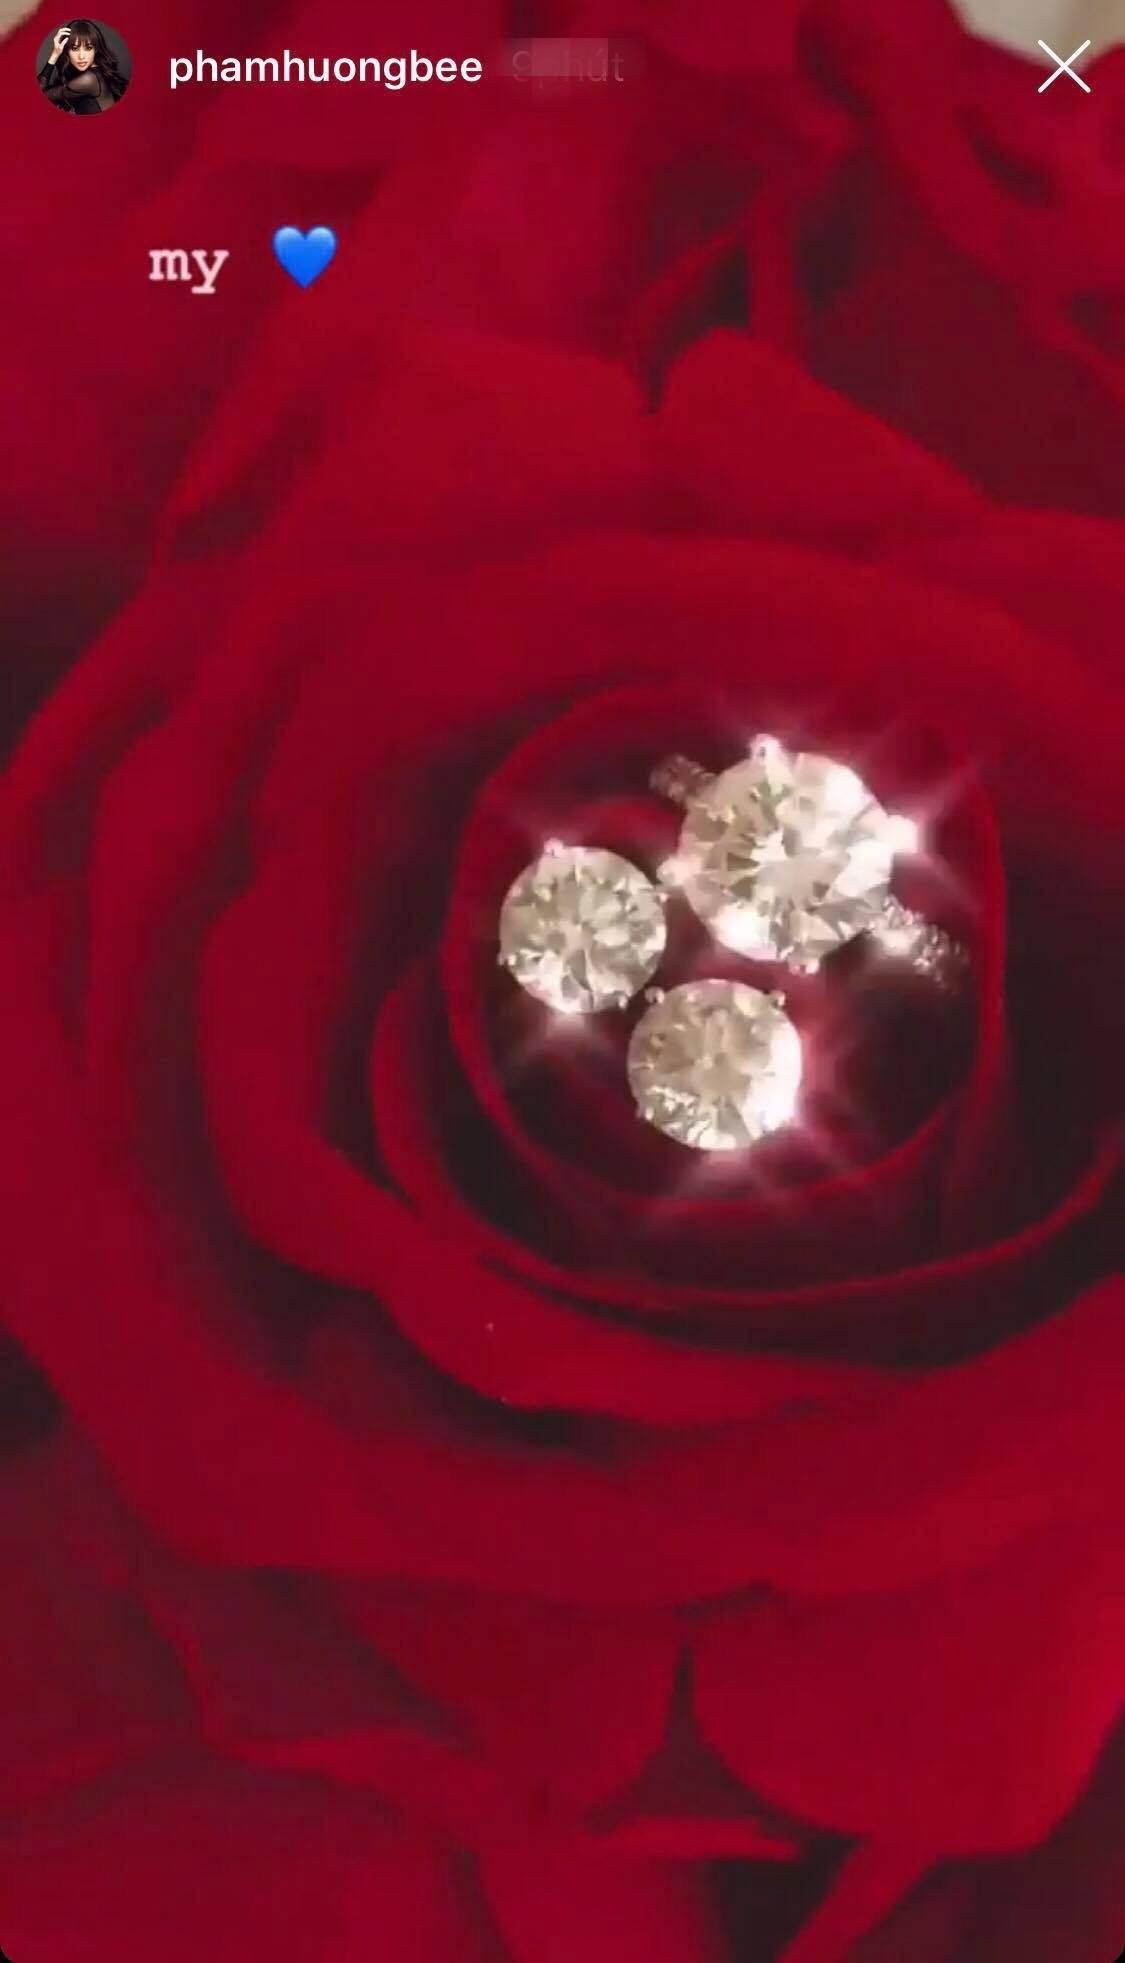 Quà kim cương cực khủng của Phạm Hương được đại gia tặng trên đất Mỹ 1